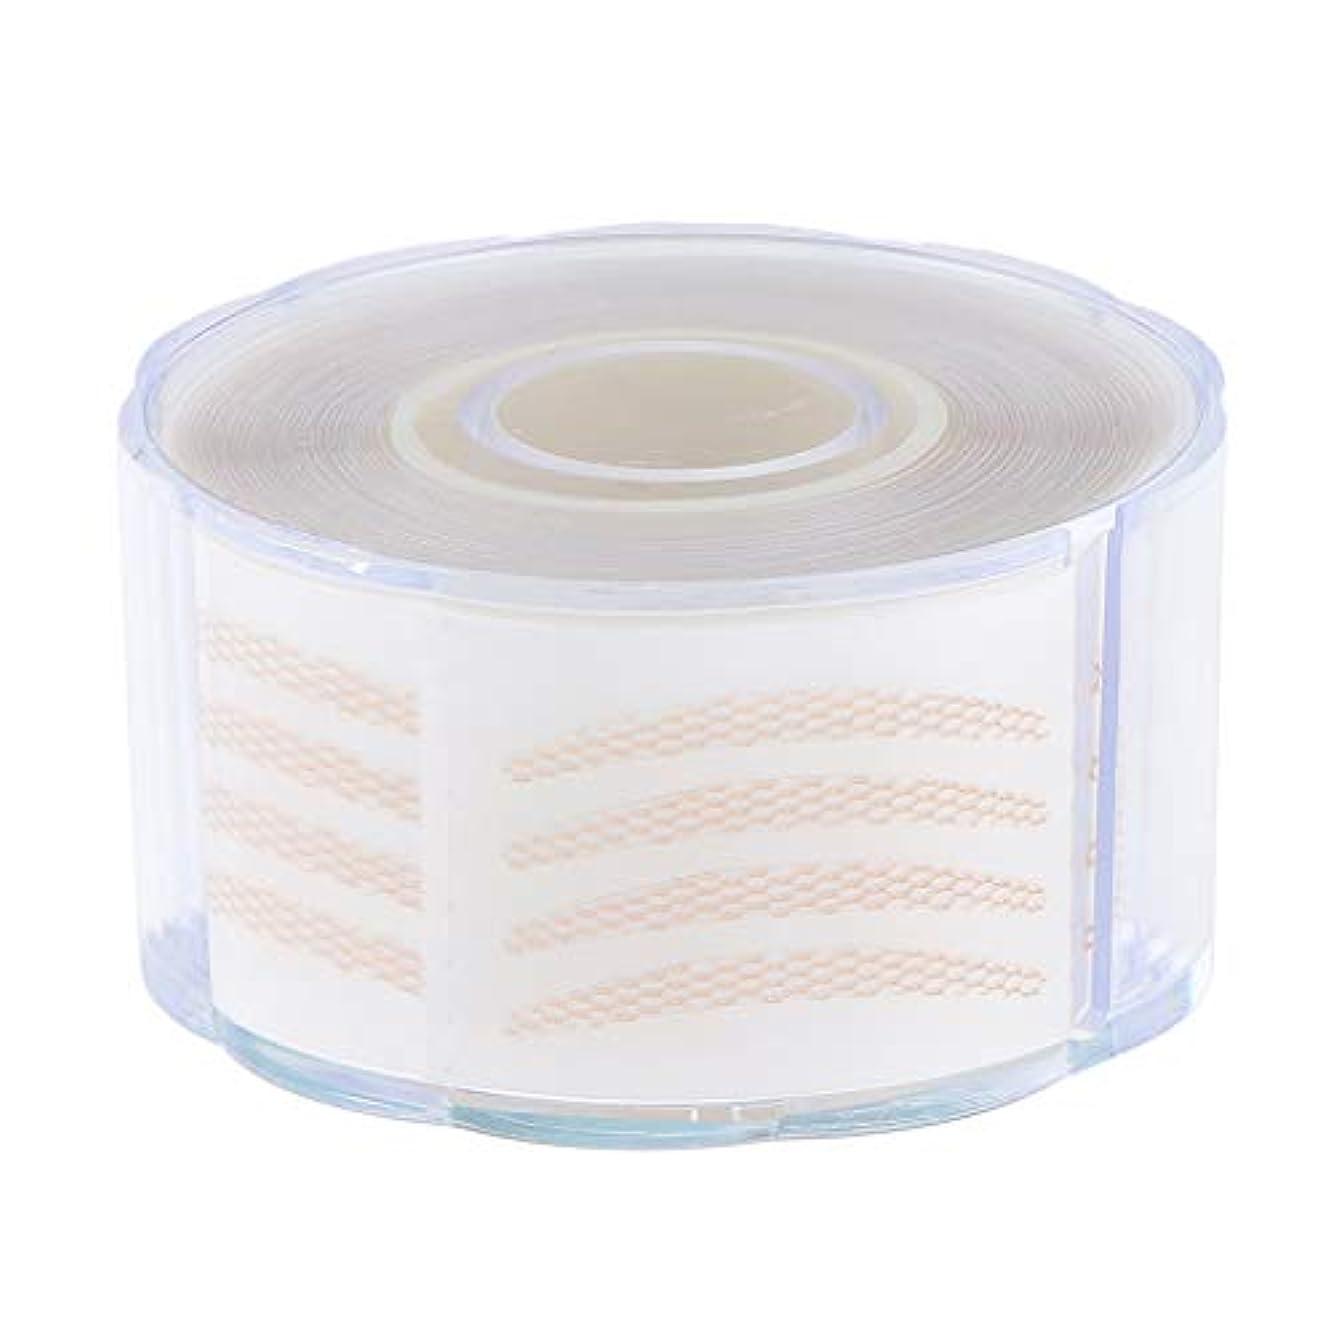 アサートランクライブラリ加入1組の220組の見えない繊維のストリップの二重まぶたの持ち上がるテープ - 2.5 x 0.2 cm